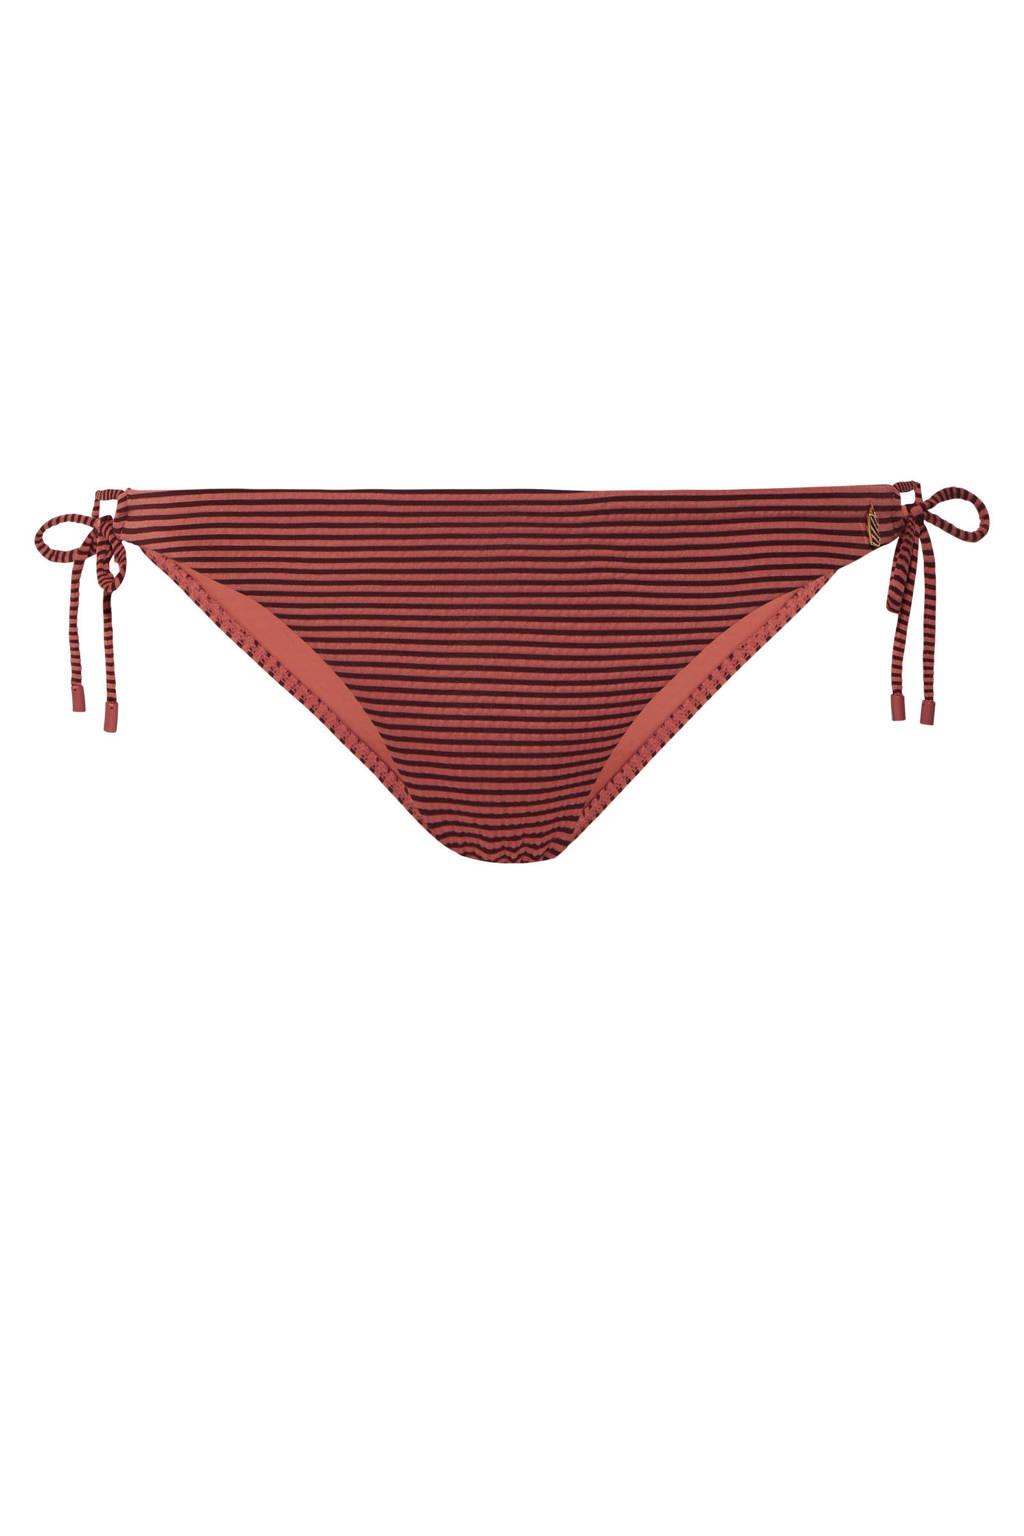 Beachlife gestreept bikinibroekje rood, Donkerrood/rood